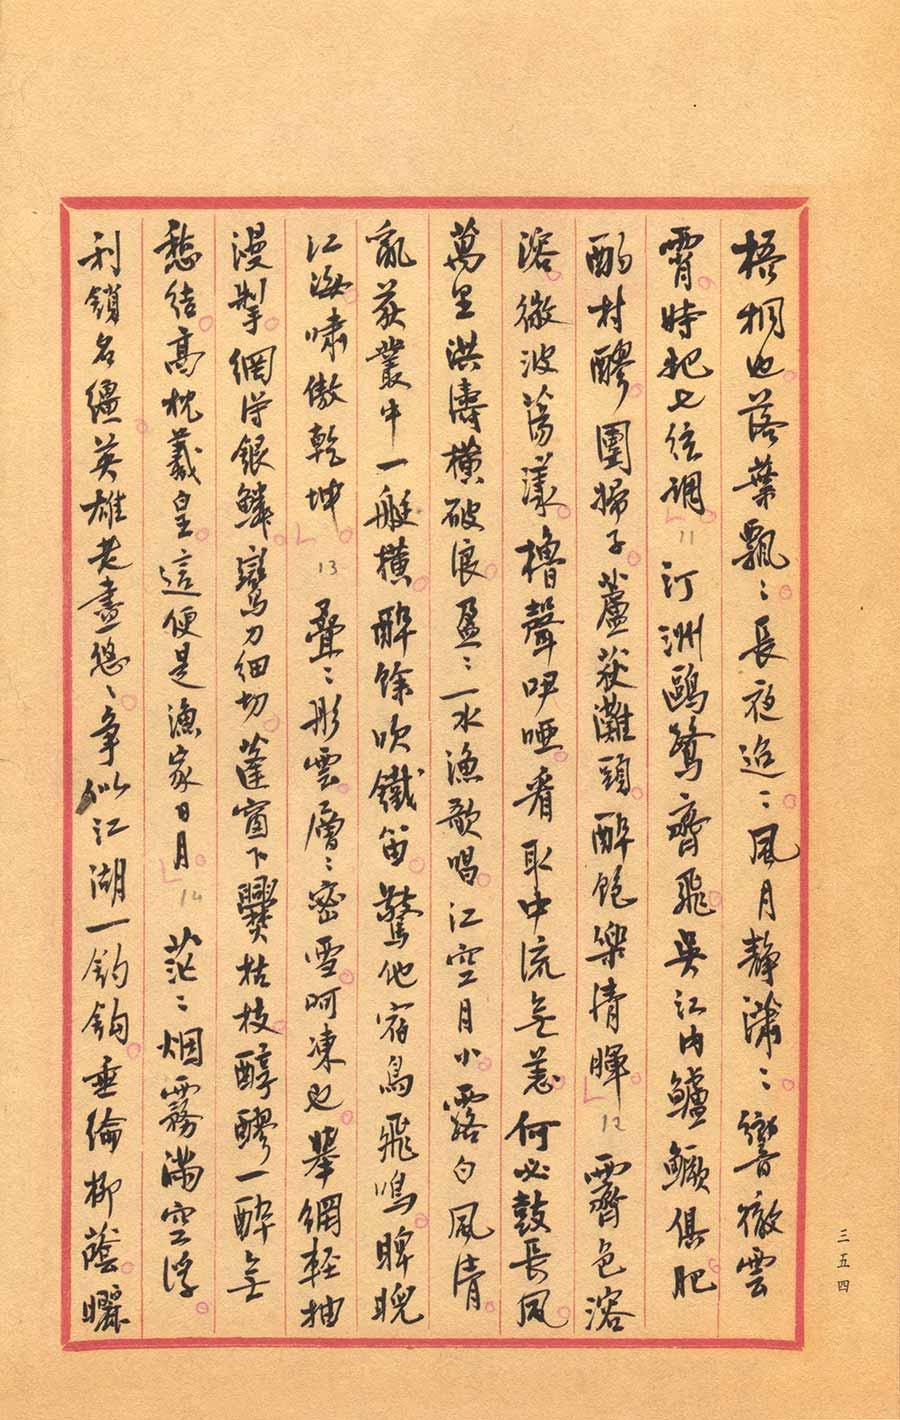 Manuscrit du Chant du Pêcheur. p. 3, par Cai Laoshi